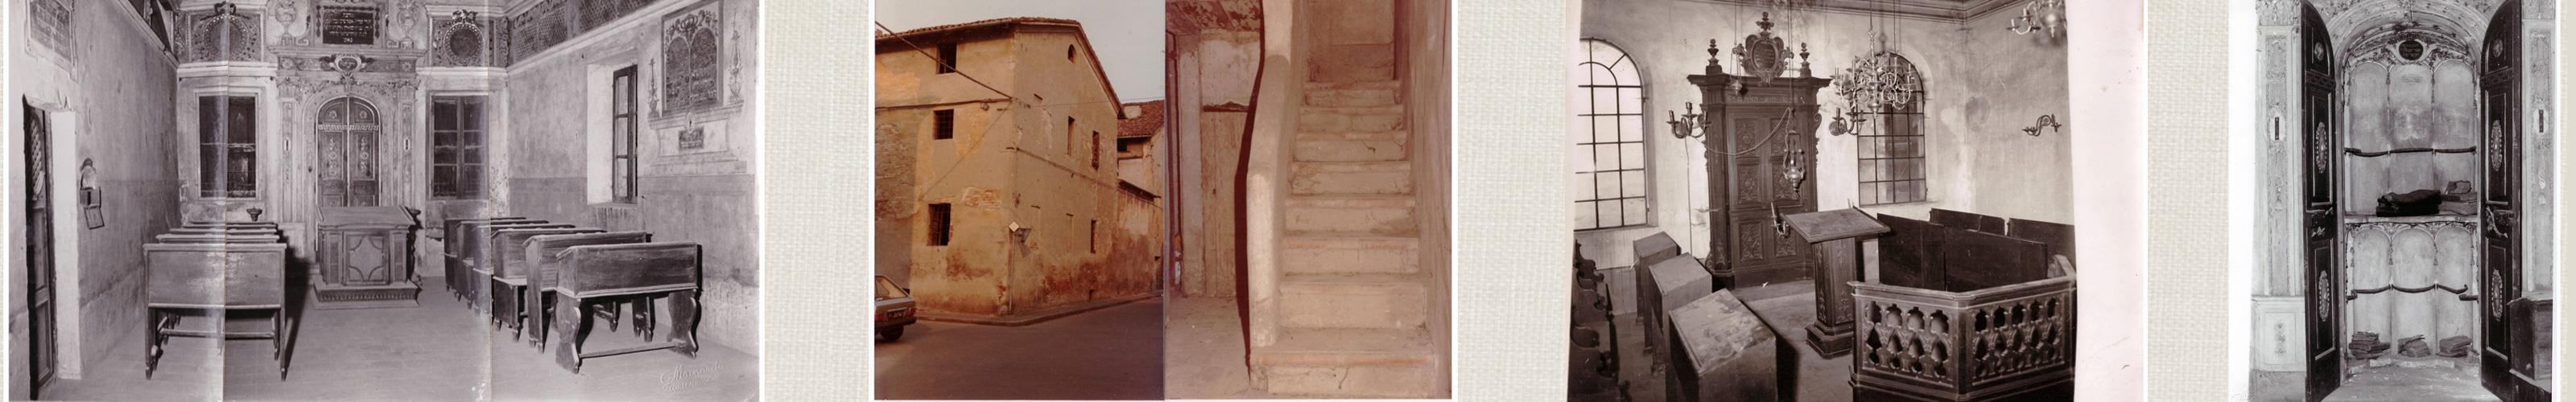 sala delle sinagoghe scomparse 011